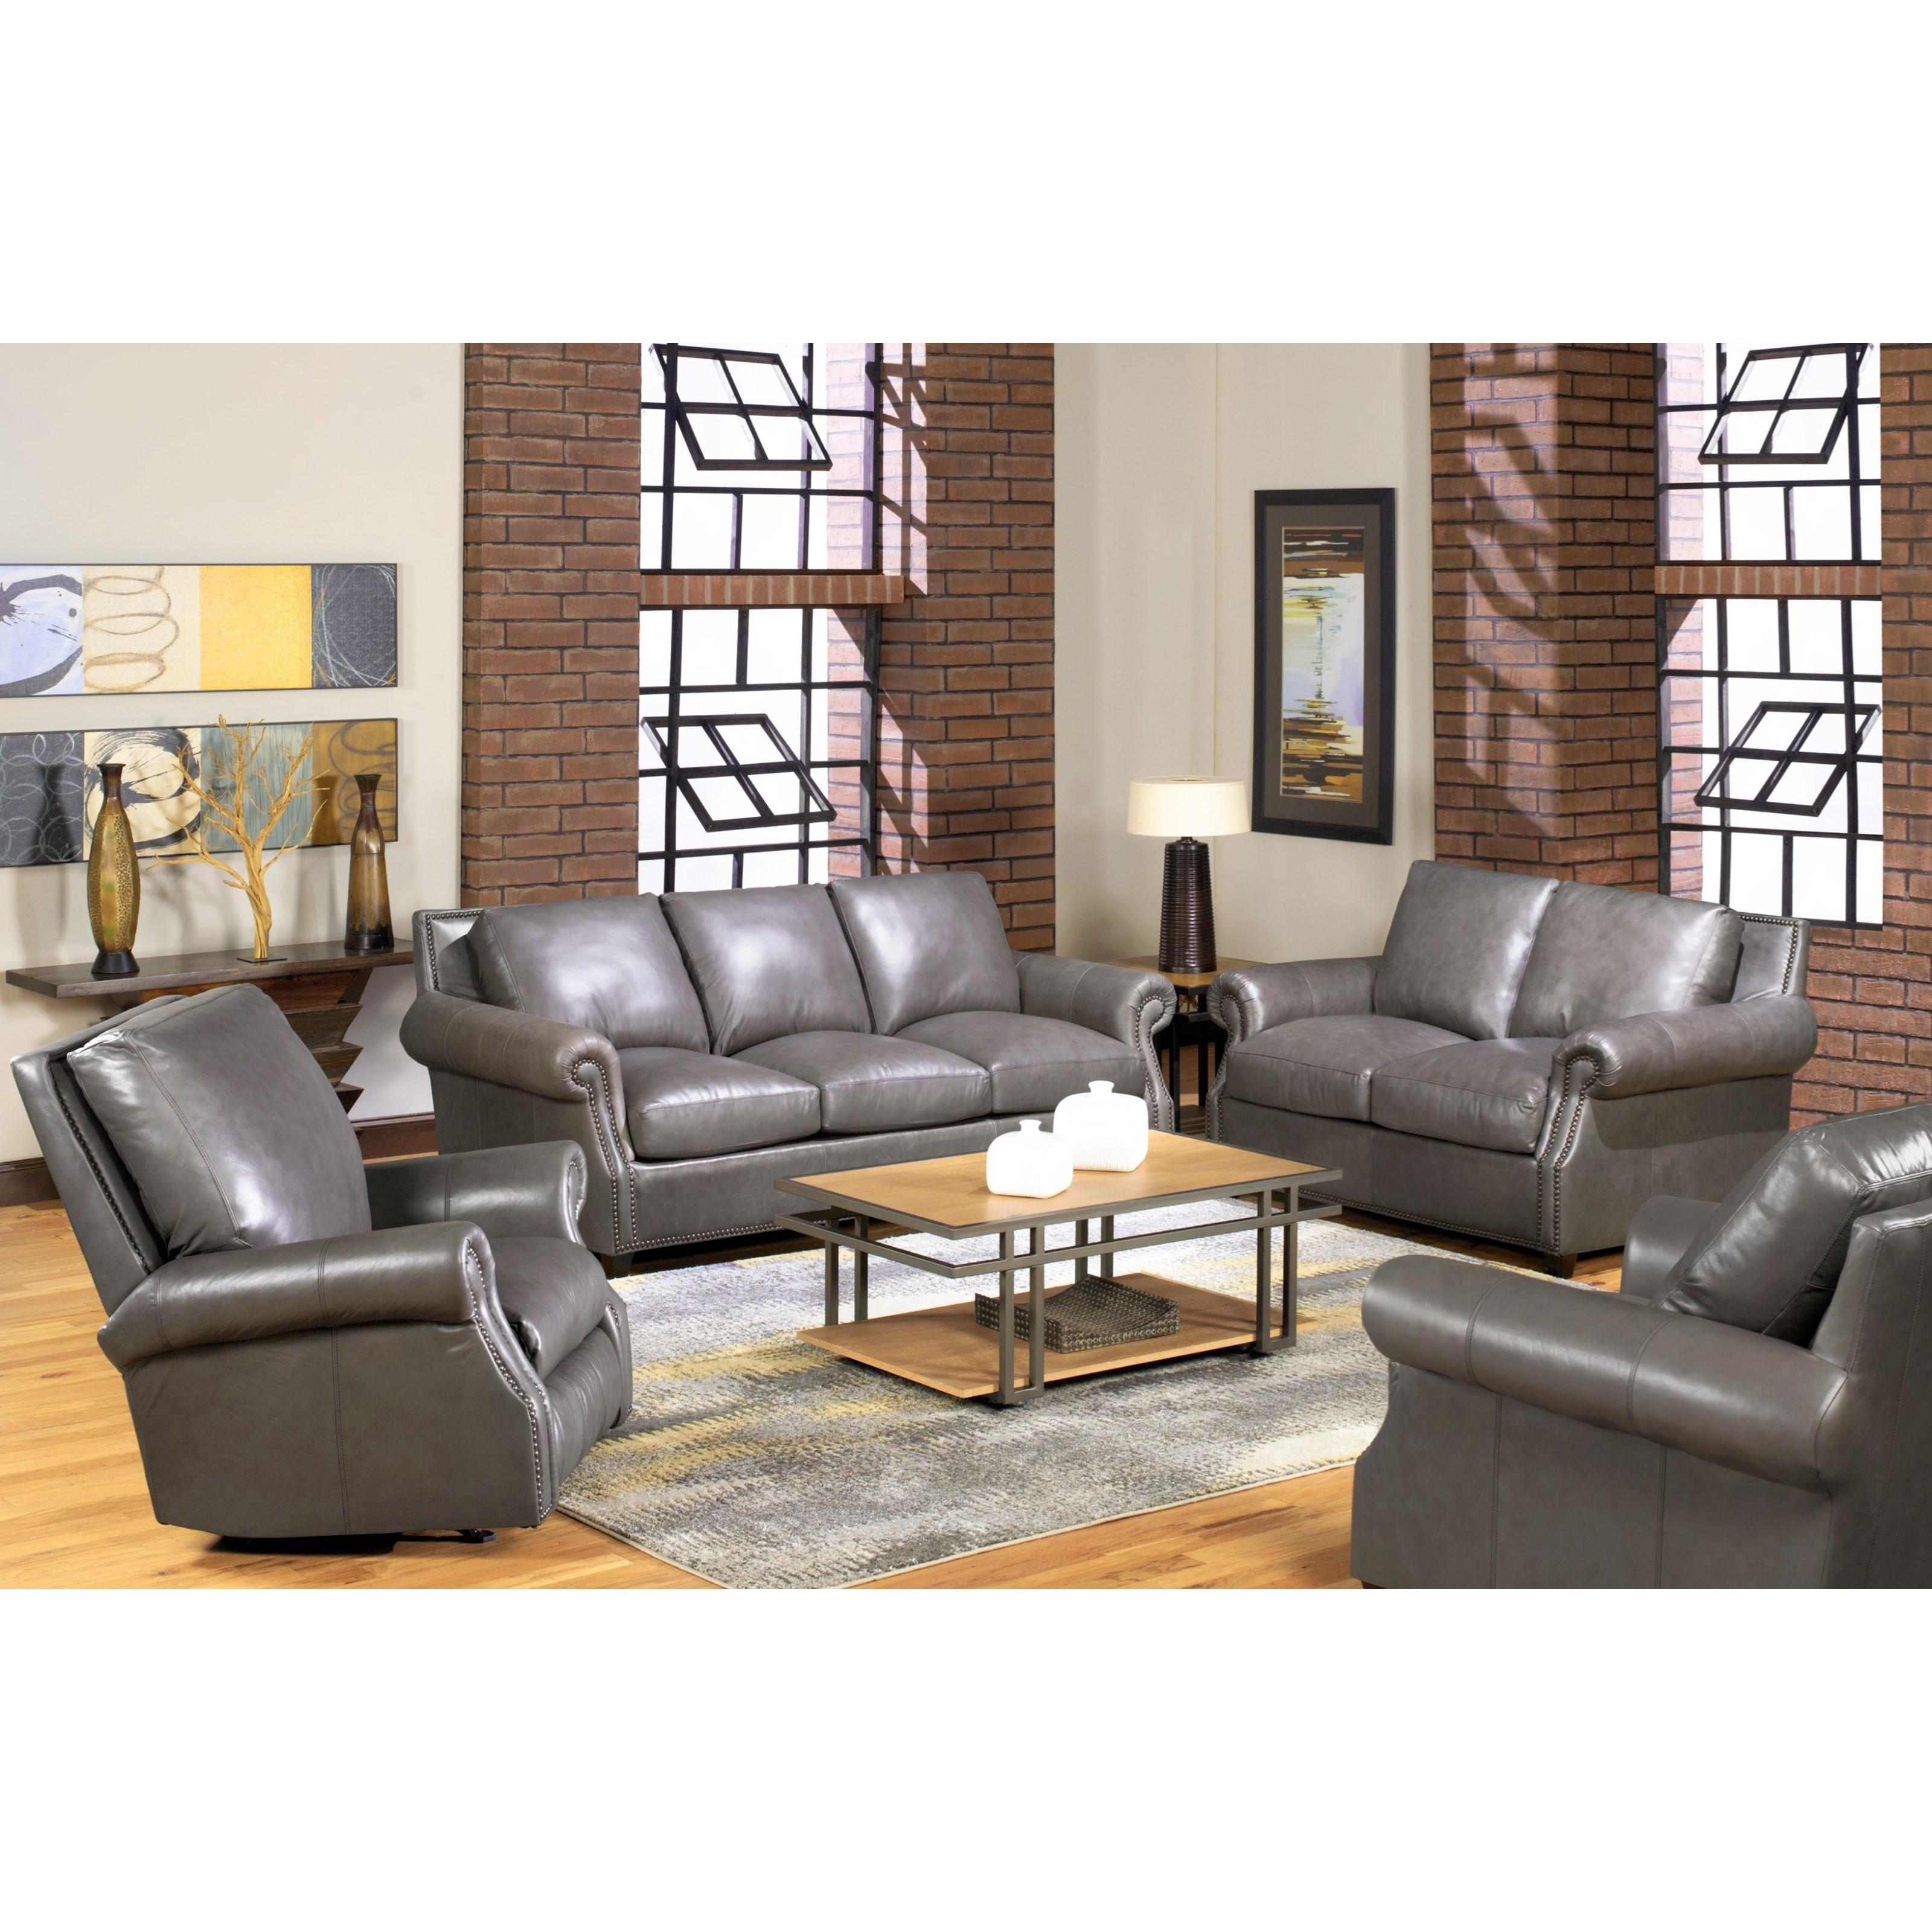 USA Premium Leather 8655 Leather Sofa